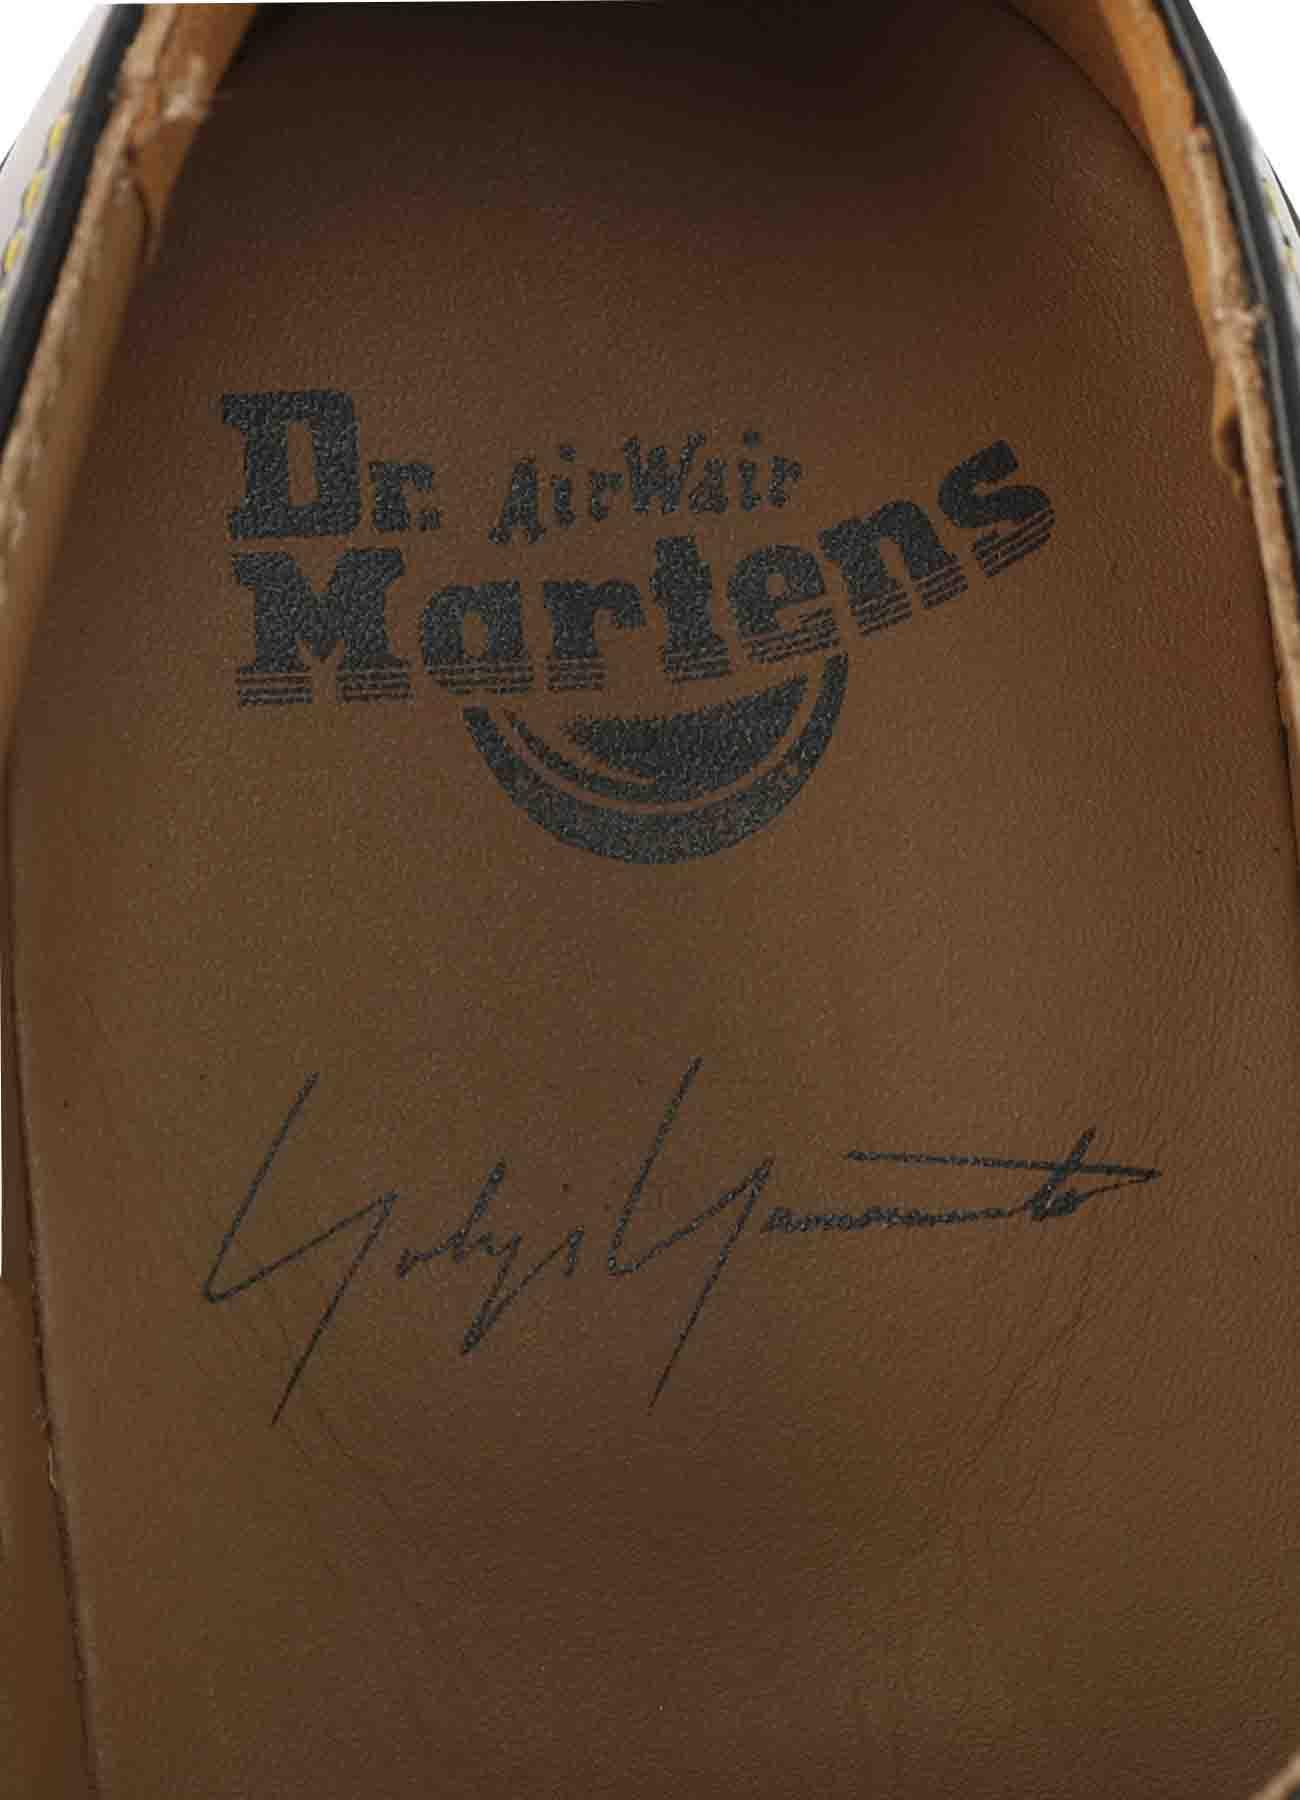 Dr. Martens ブラックスムースレザー シングルウィングプレーントゥ